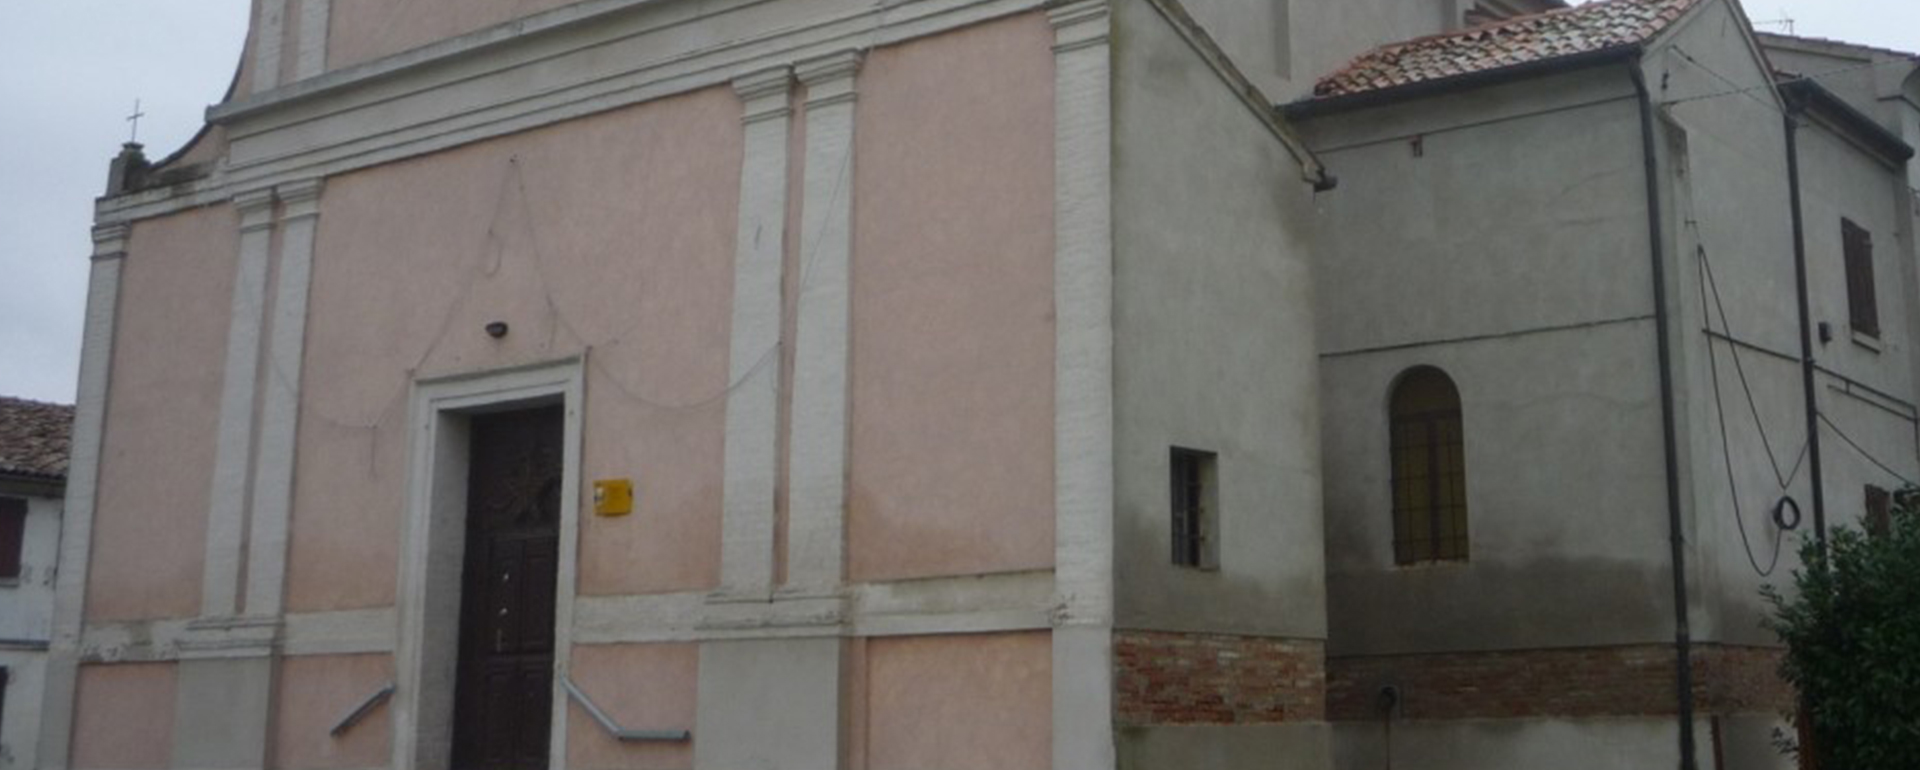 chiesa - restauro sostenibile